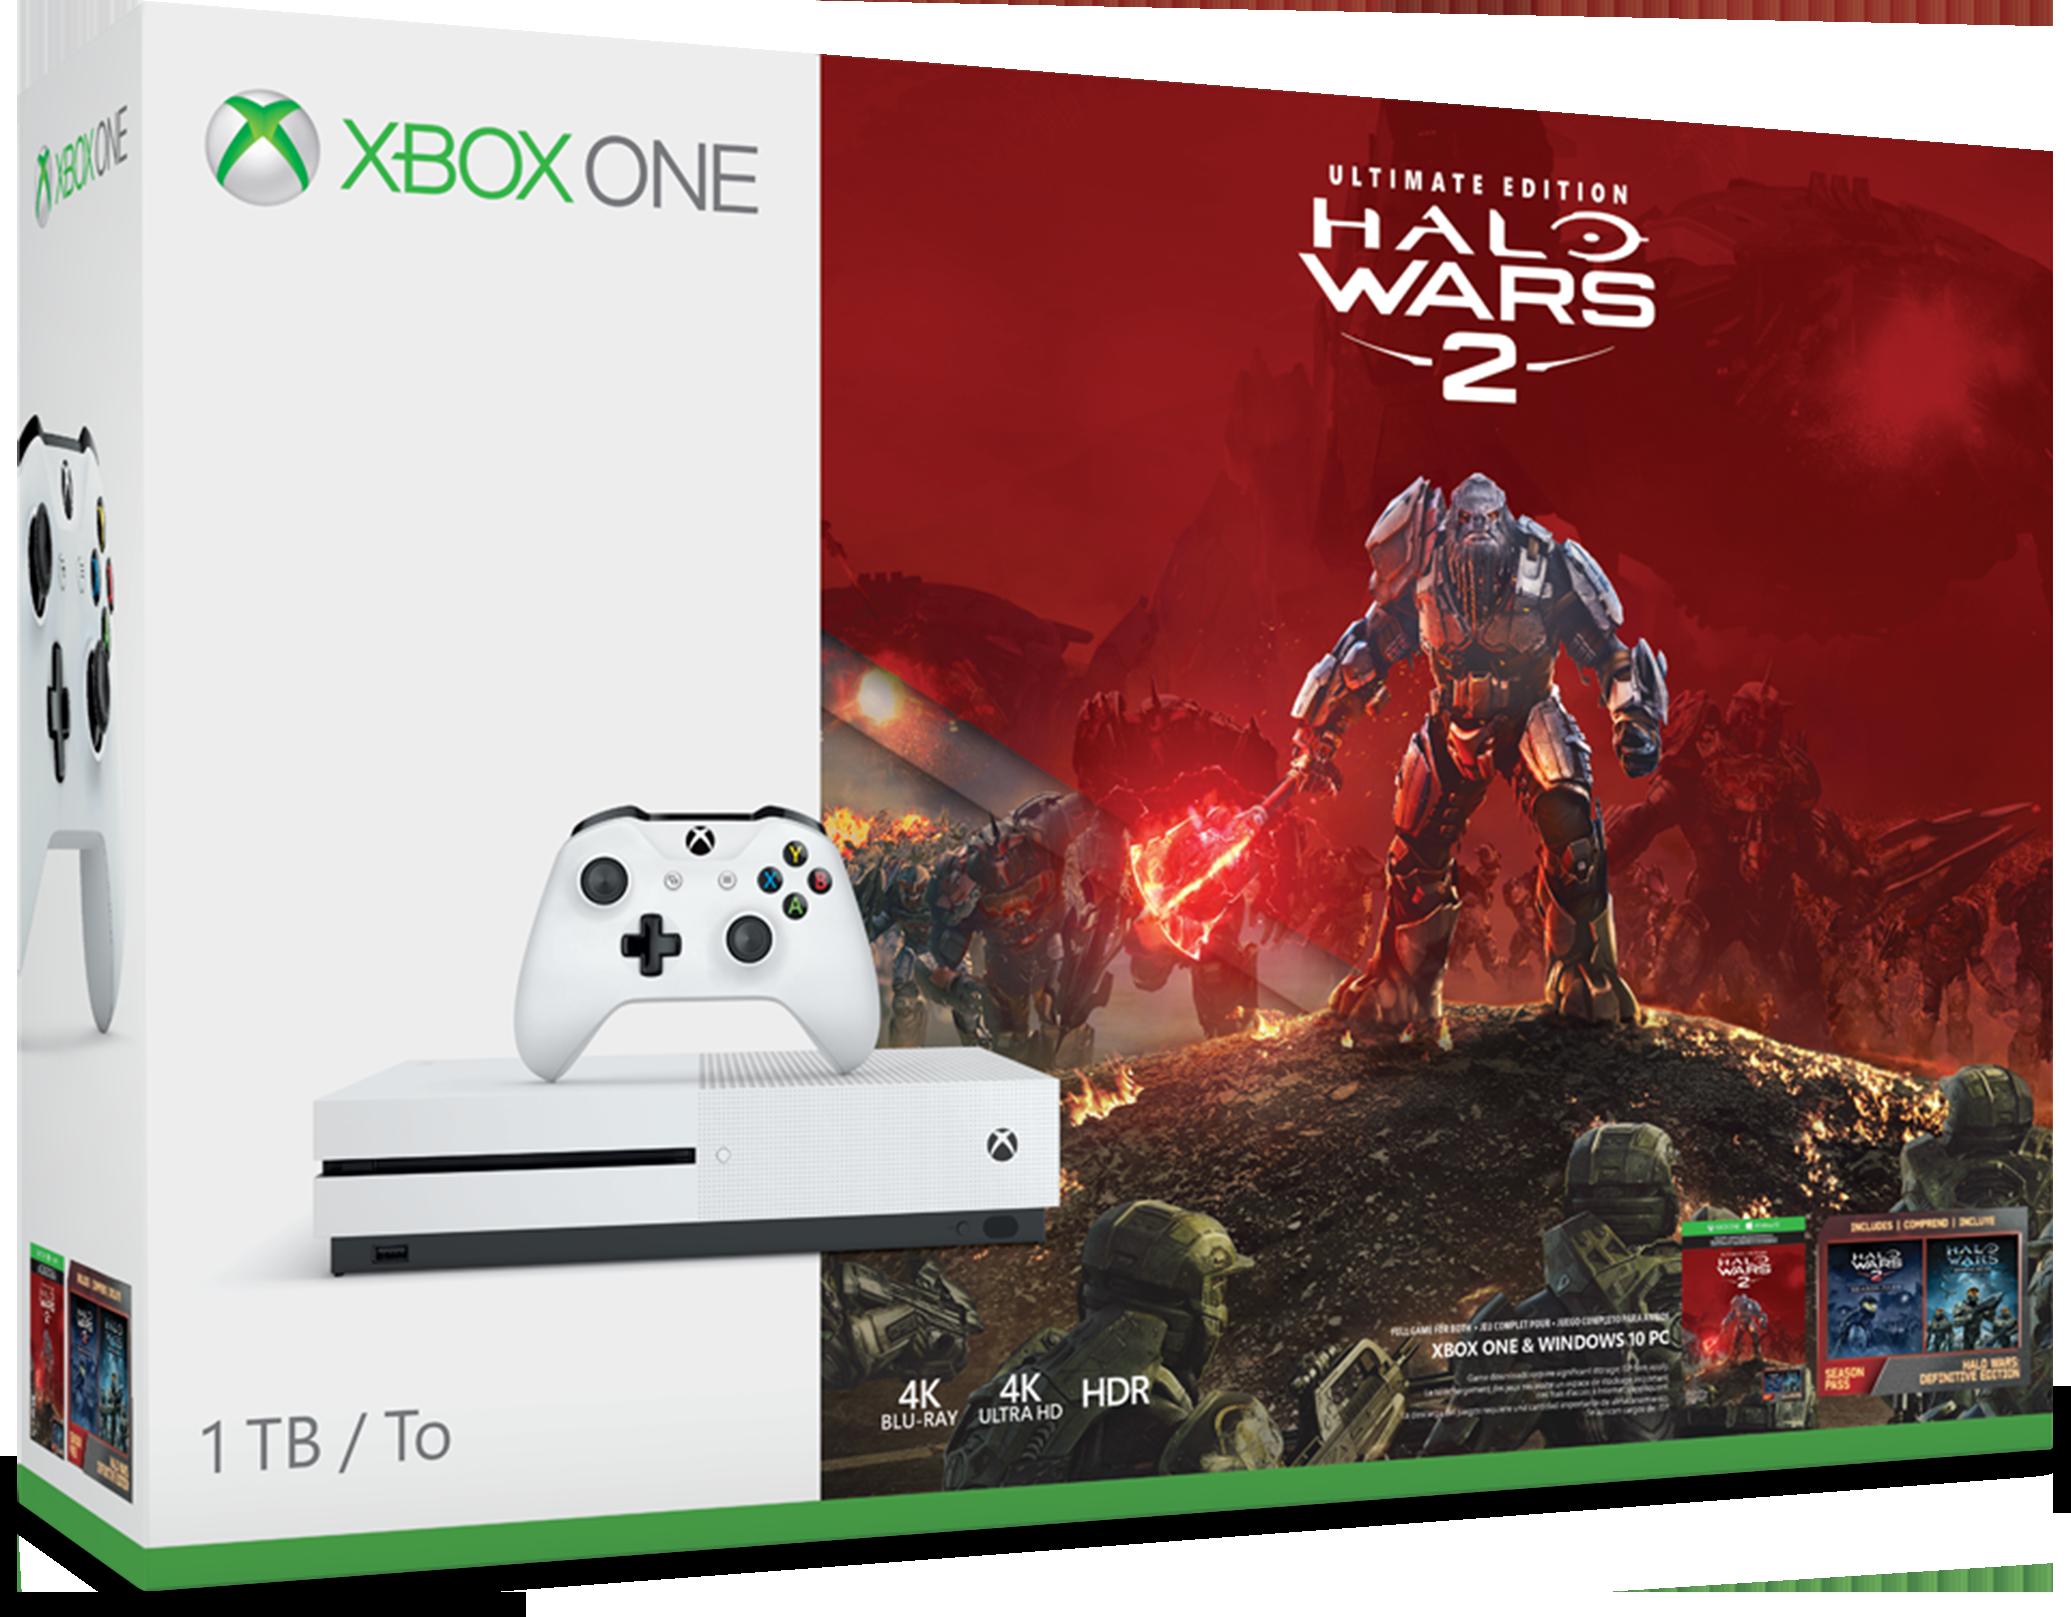 Pack de Consola Xbox One S de 1 TB y Halo Wars 2